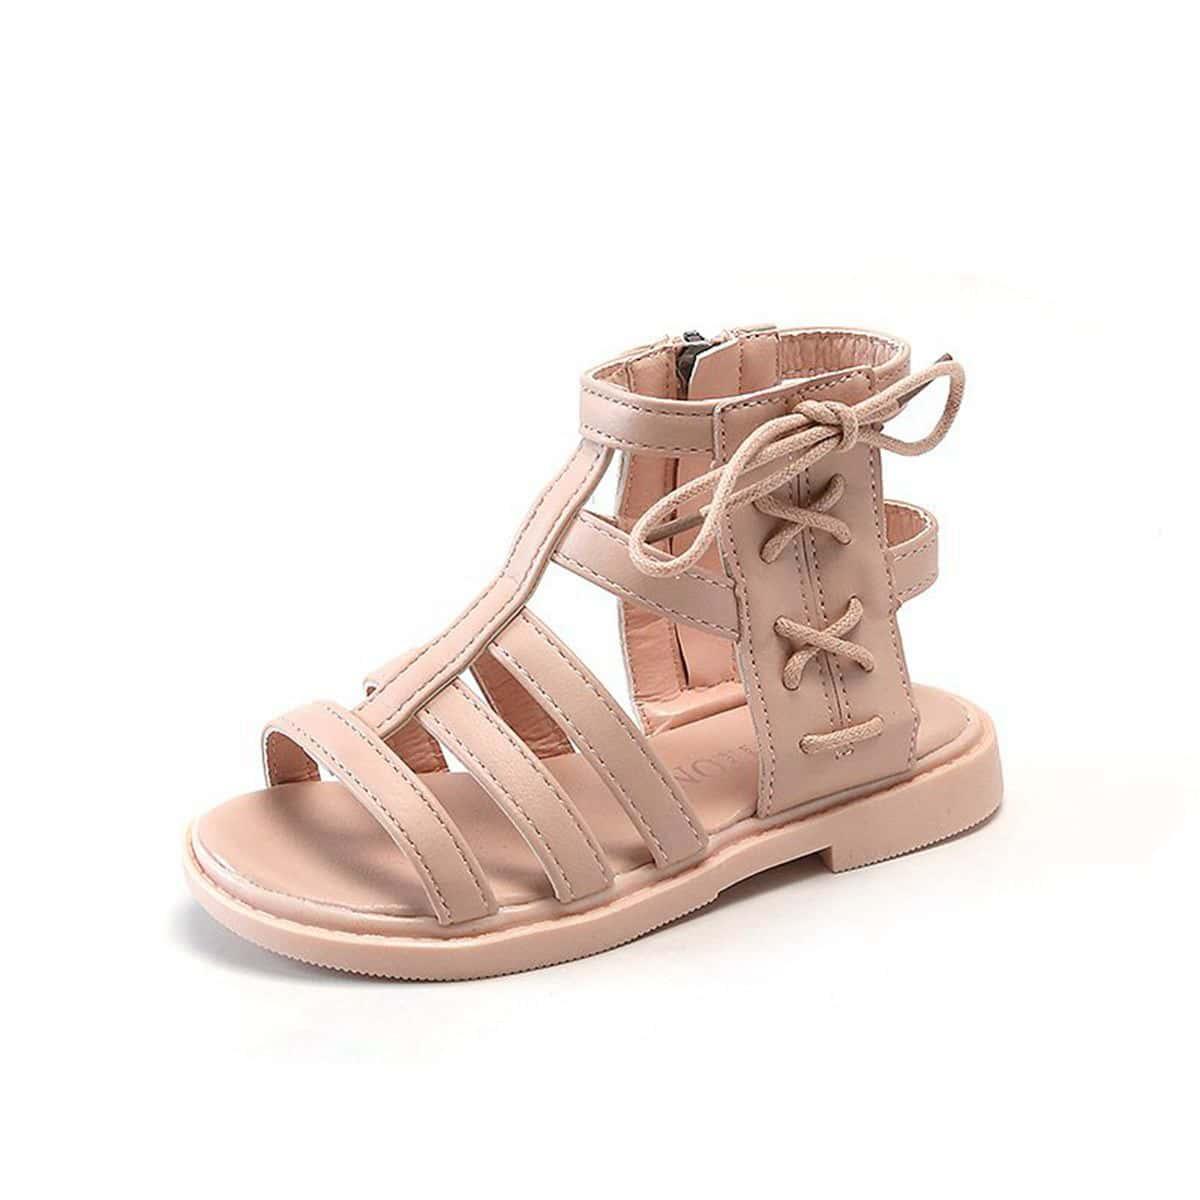 Гладиаторы на шнурках Одноцветный Детские сандалии